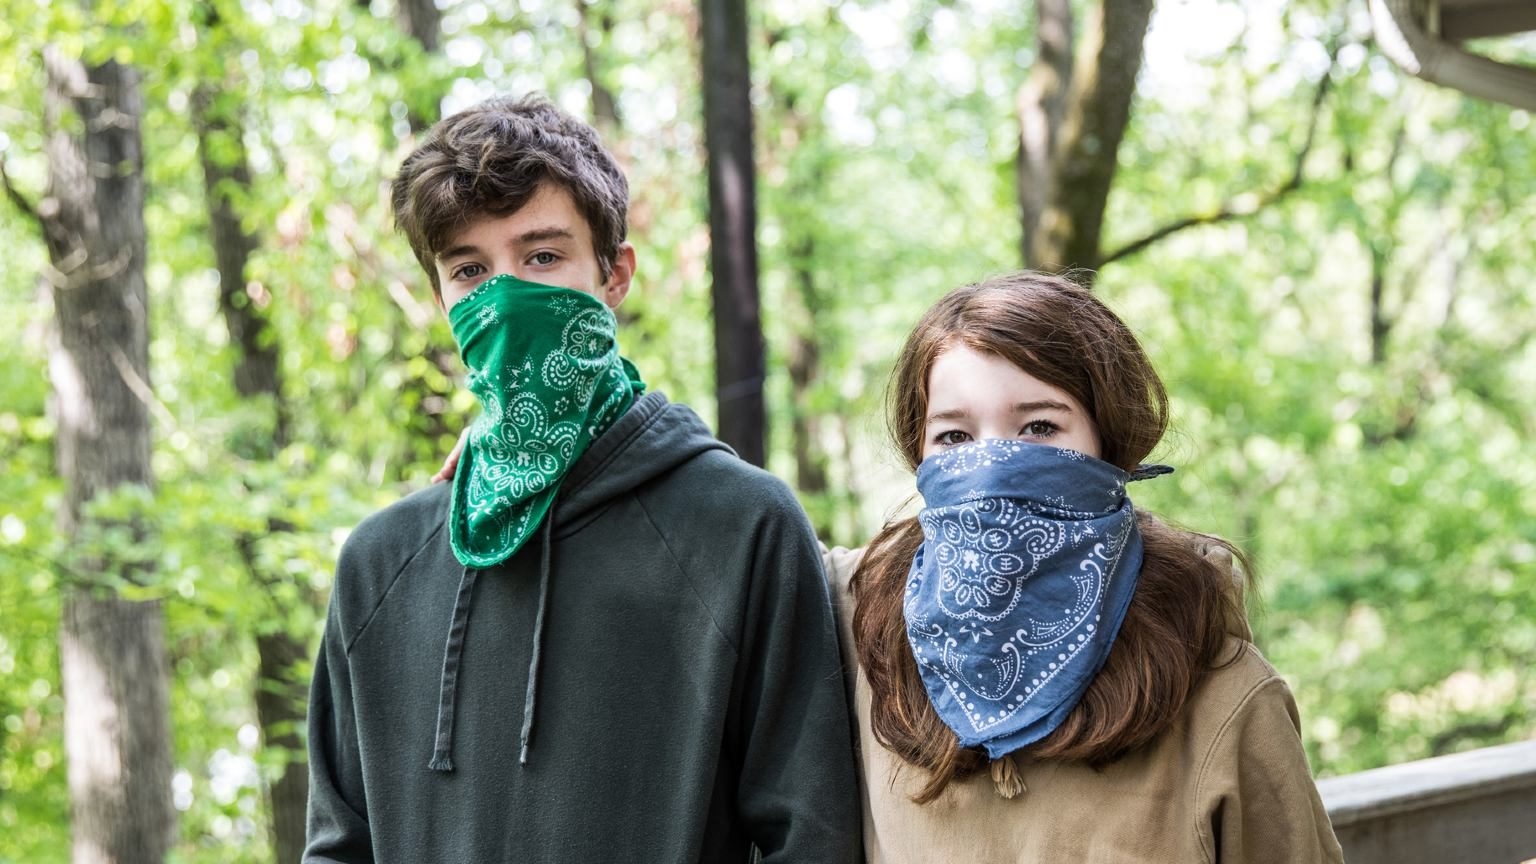 Yuppies on scarf